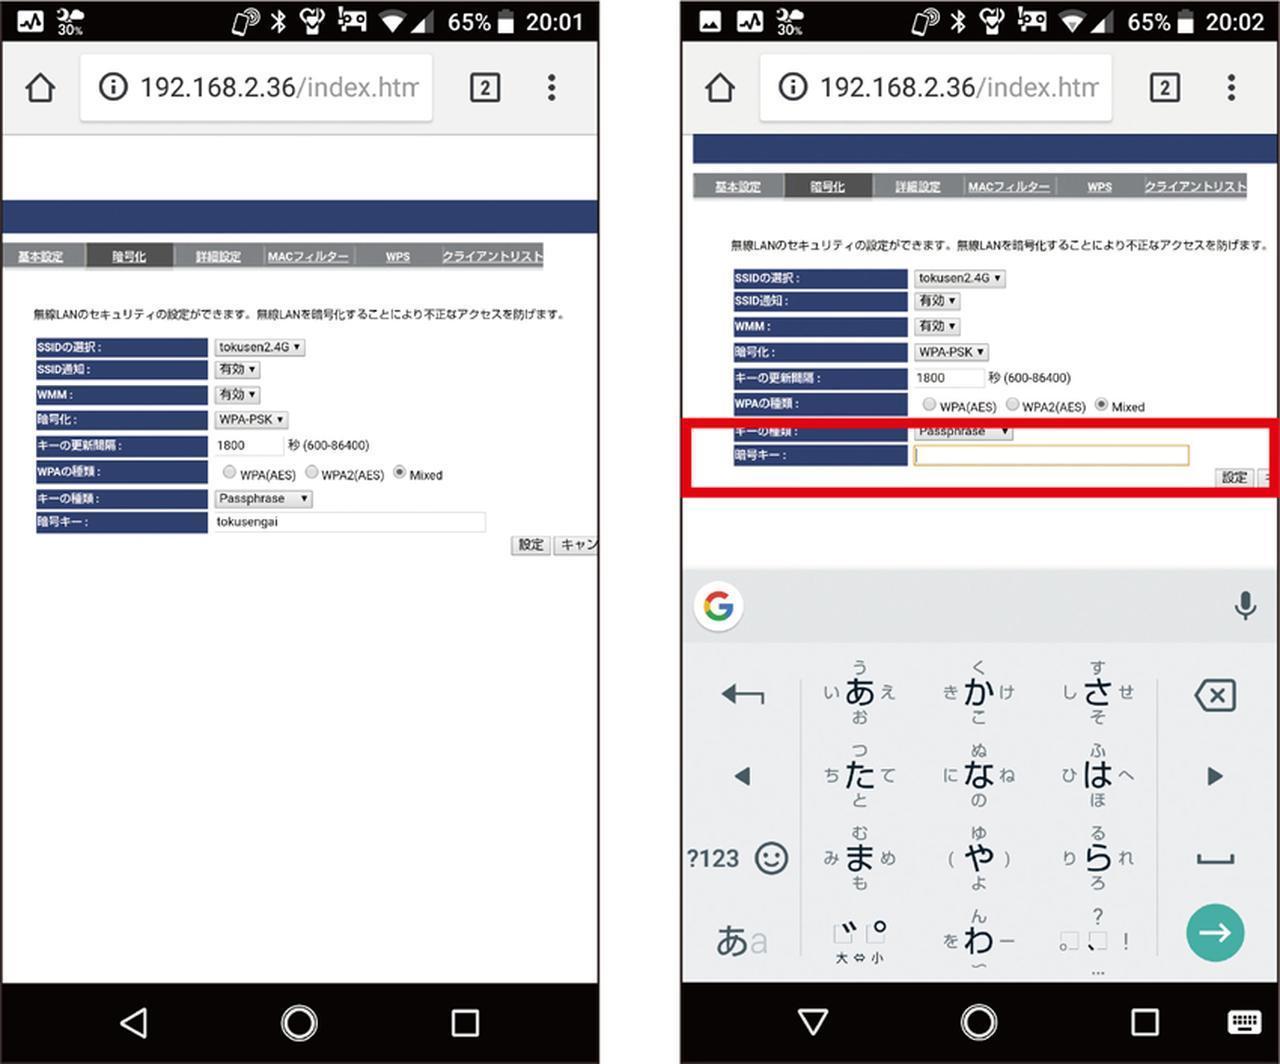 画像: iPhoneは、Wi-Fiルーターに接続する場合は、初期設定のパスワードを、説明書に従い、自分だけが覚えやすいものに変更するといい。